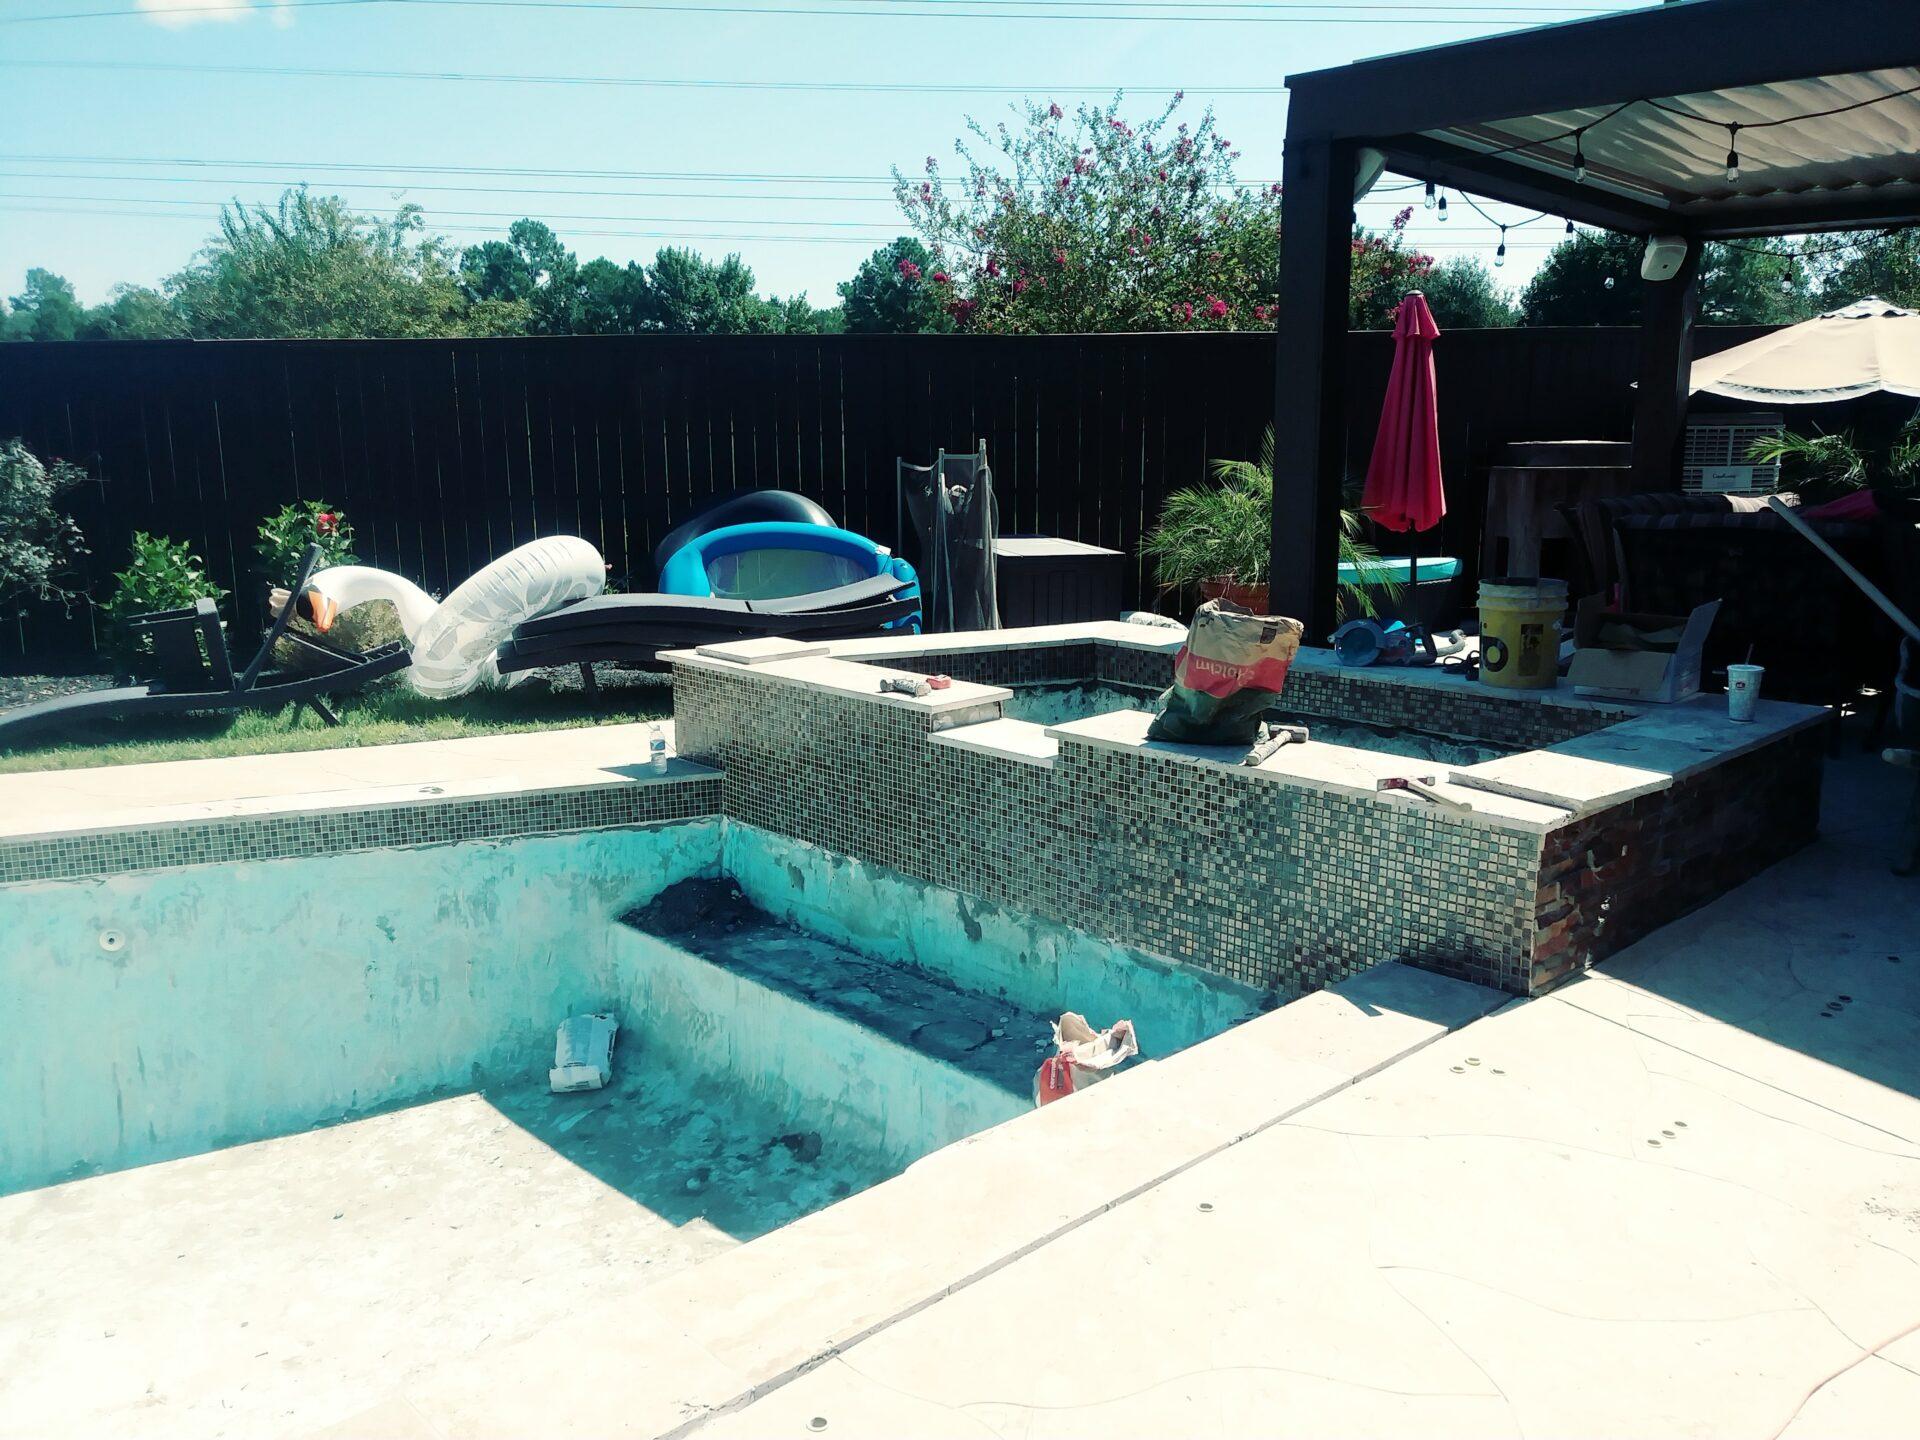 Pool Remodel - Katy - Before Image007